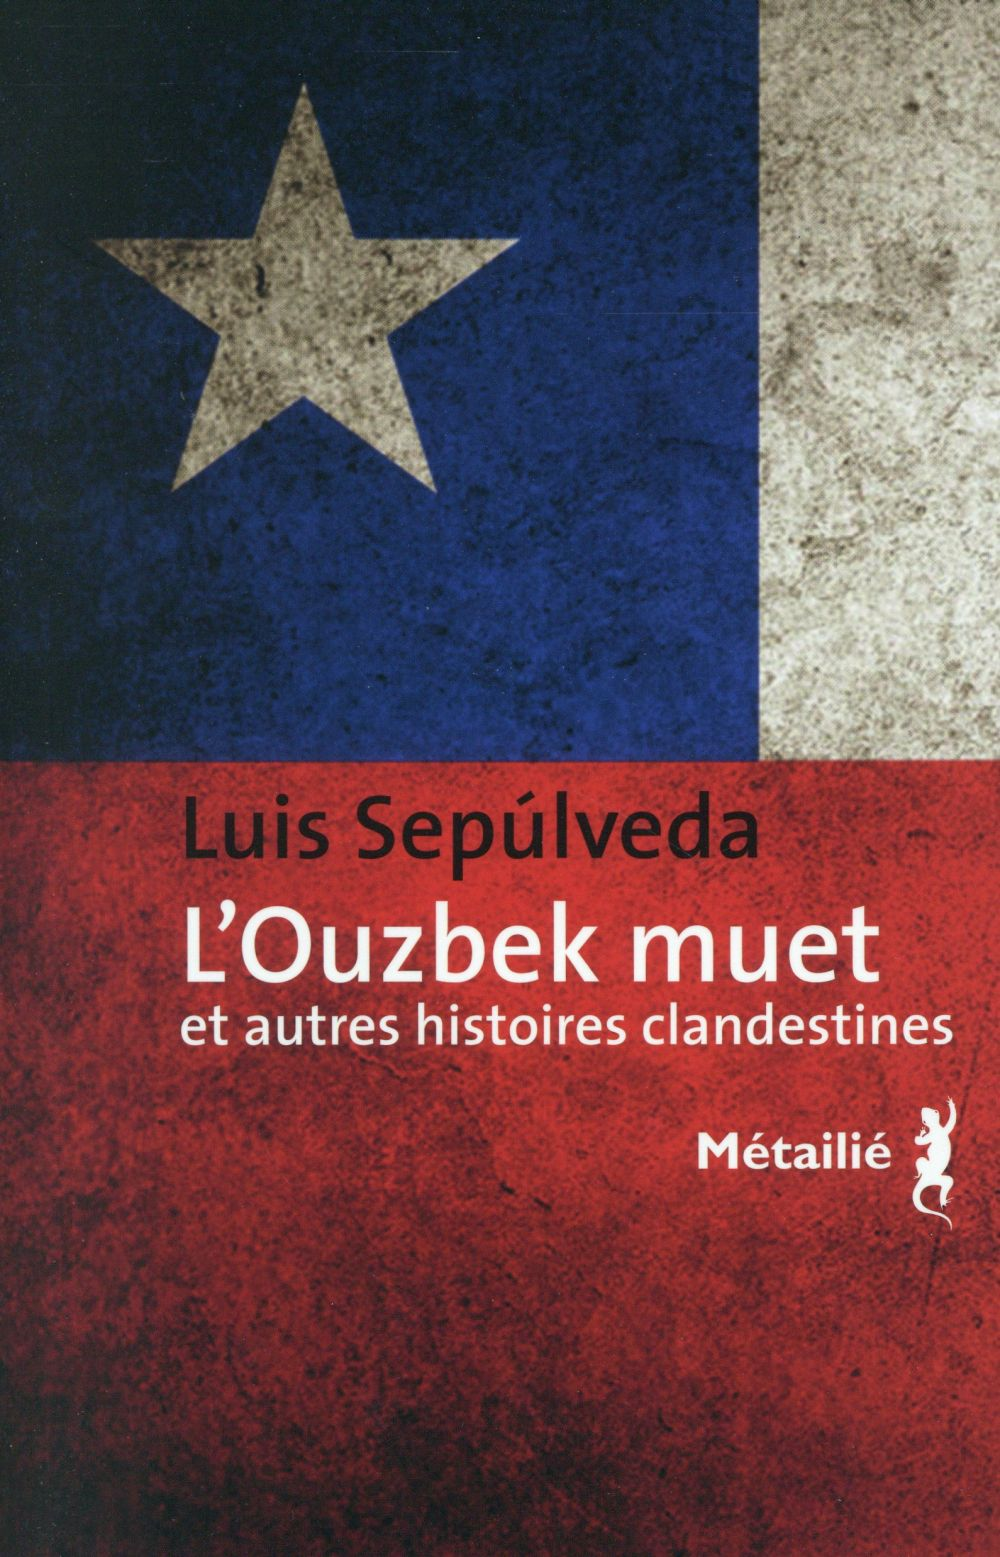 L'Ouzbek muet, et autres histoires clandestines